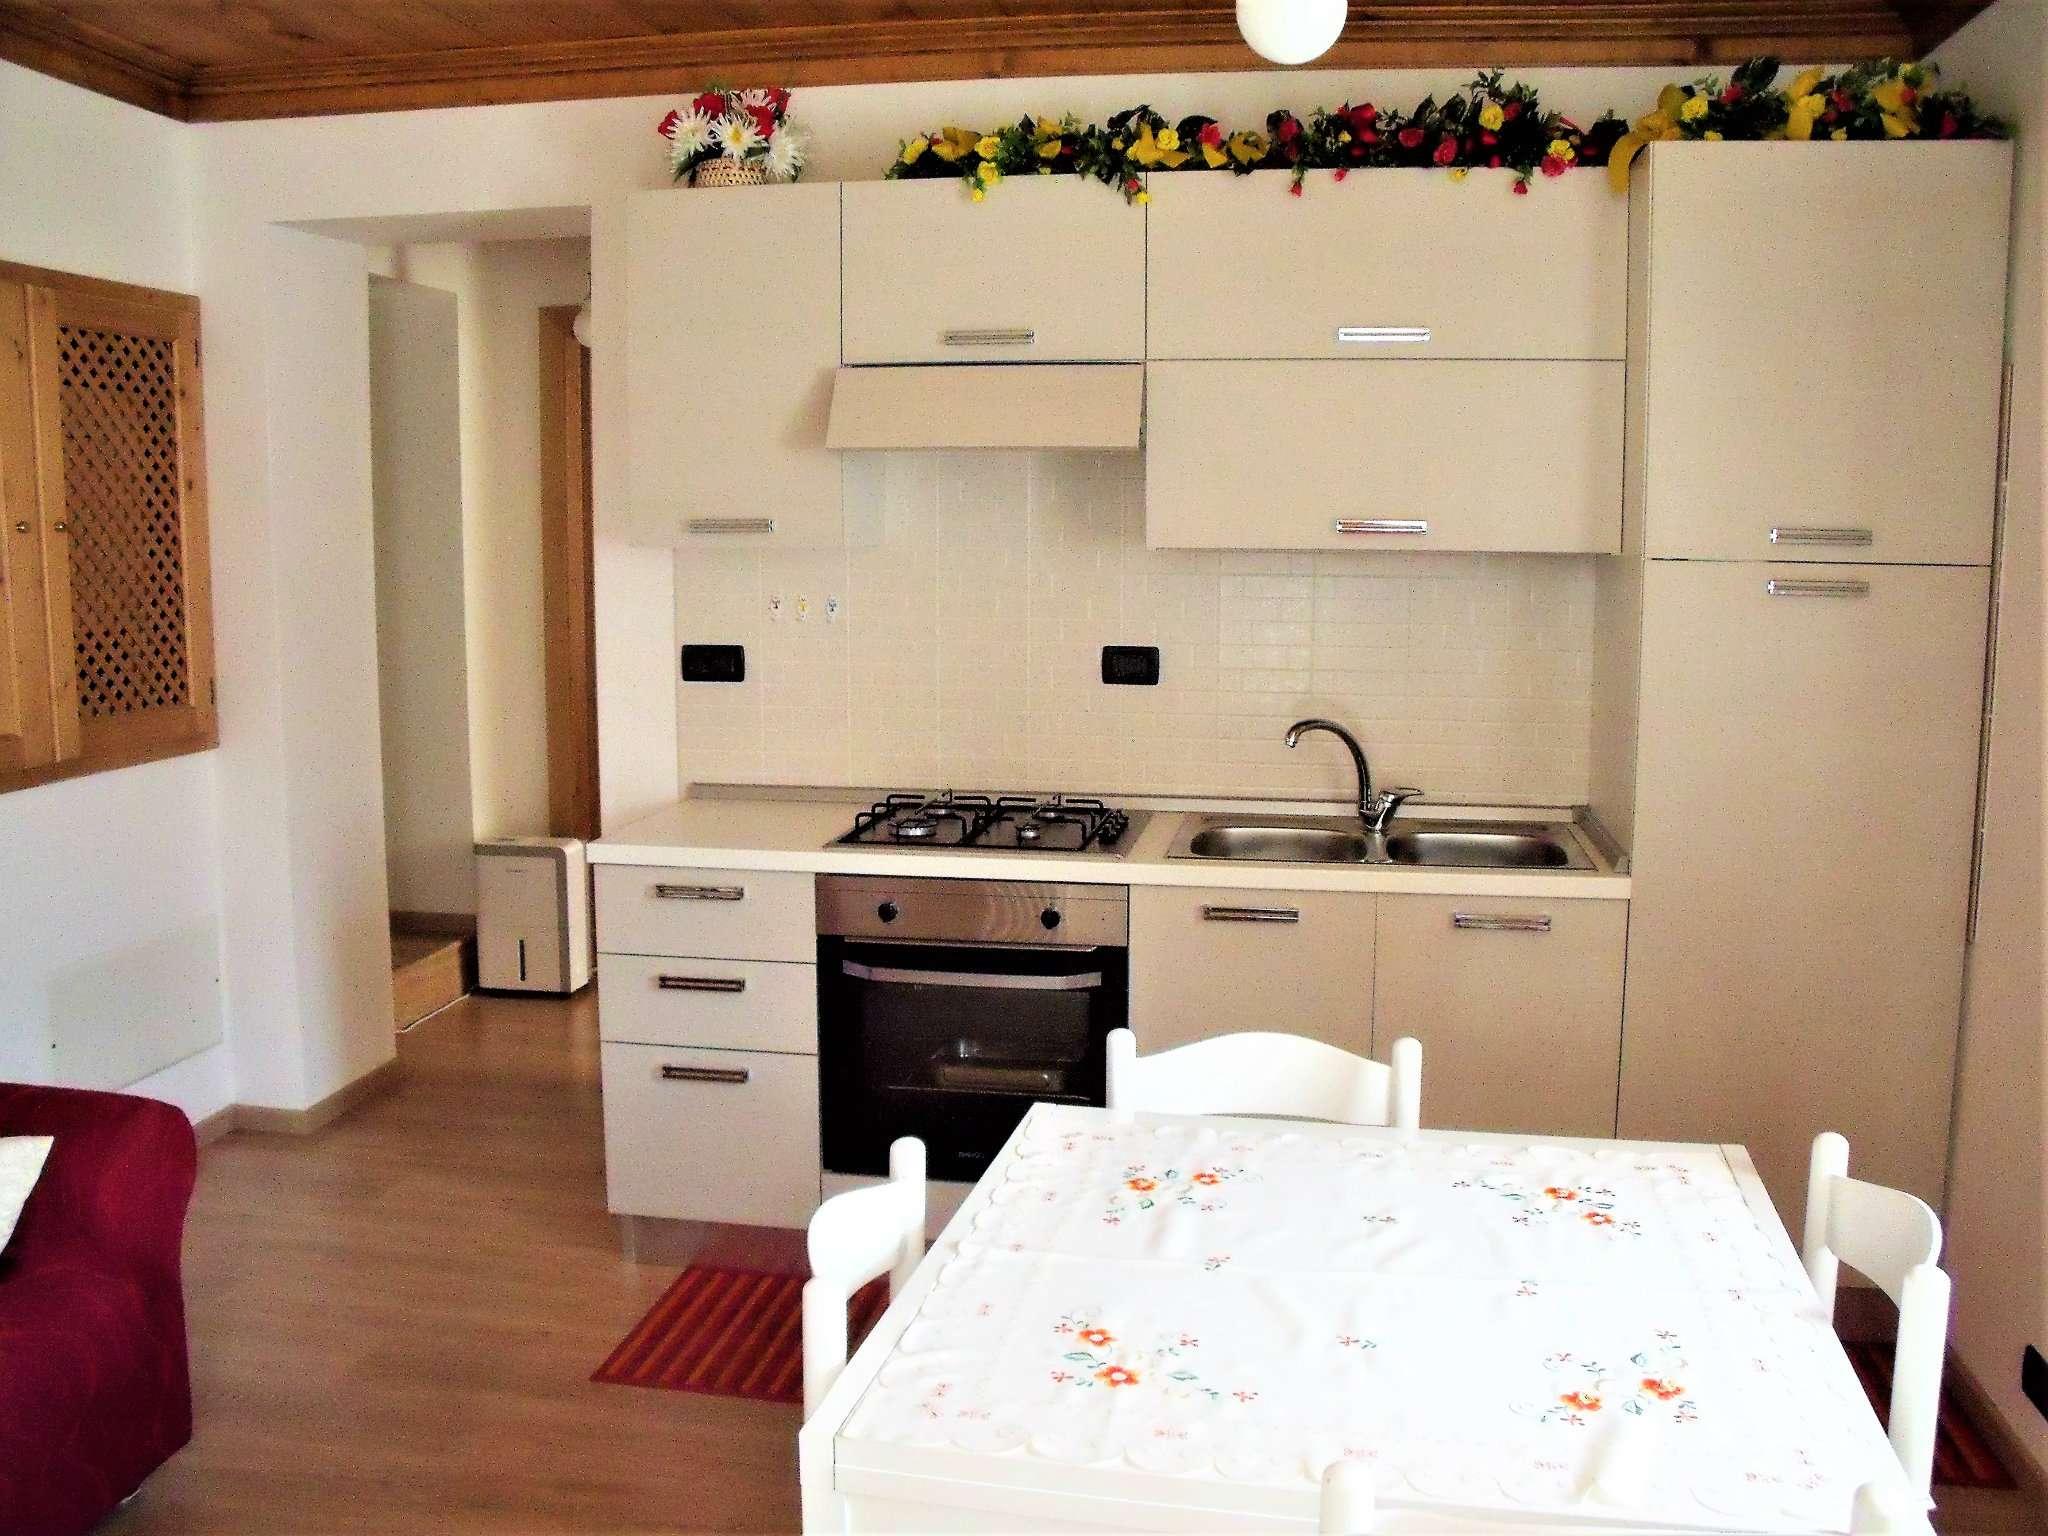 Appartamento in vendita a Auronzo di Cadore, 9999 locali, prezzo € 155.000 | CambioCasa.it